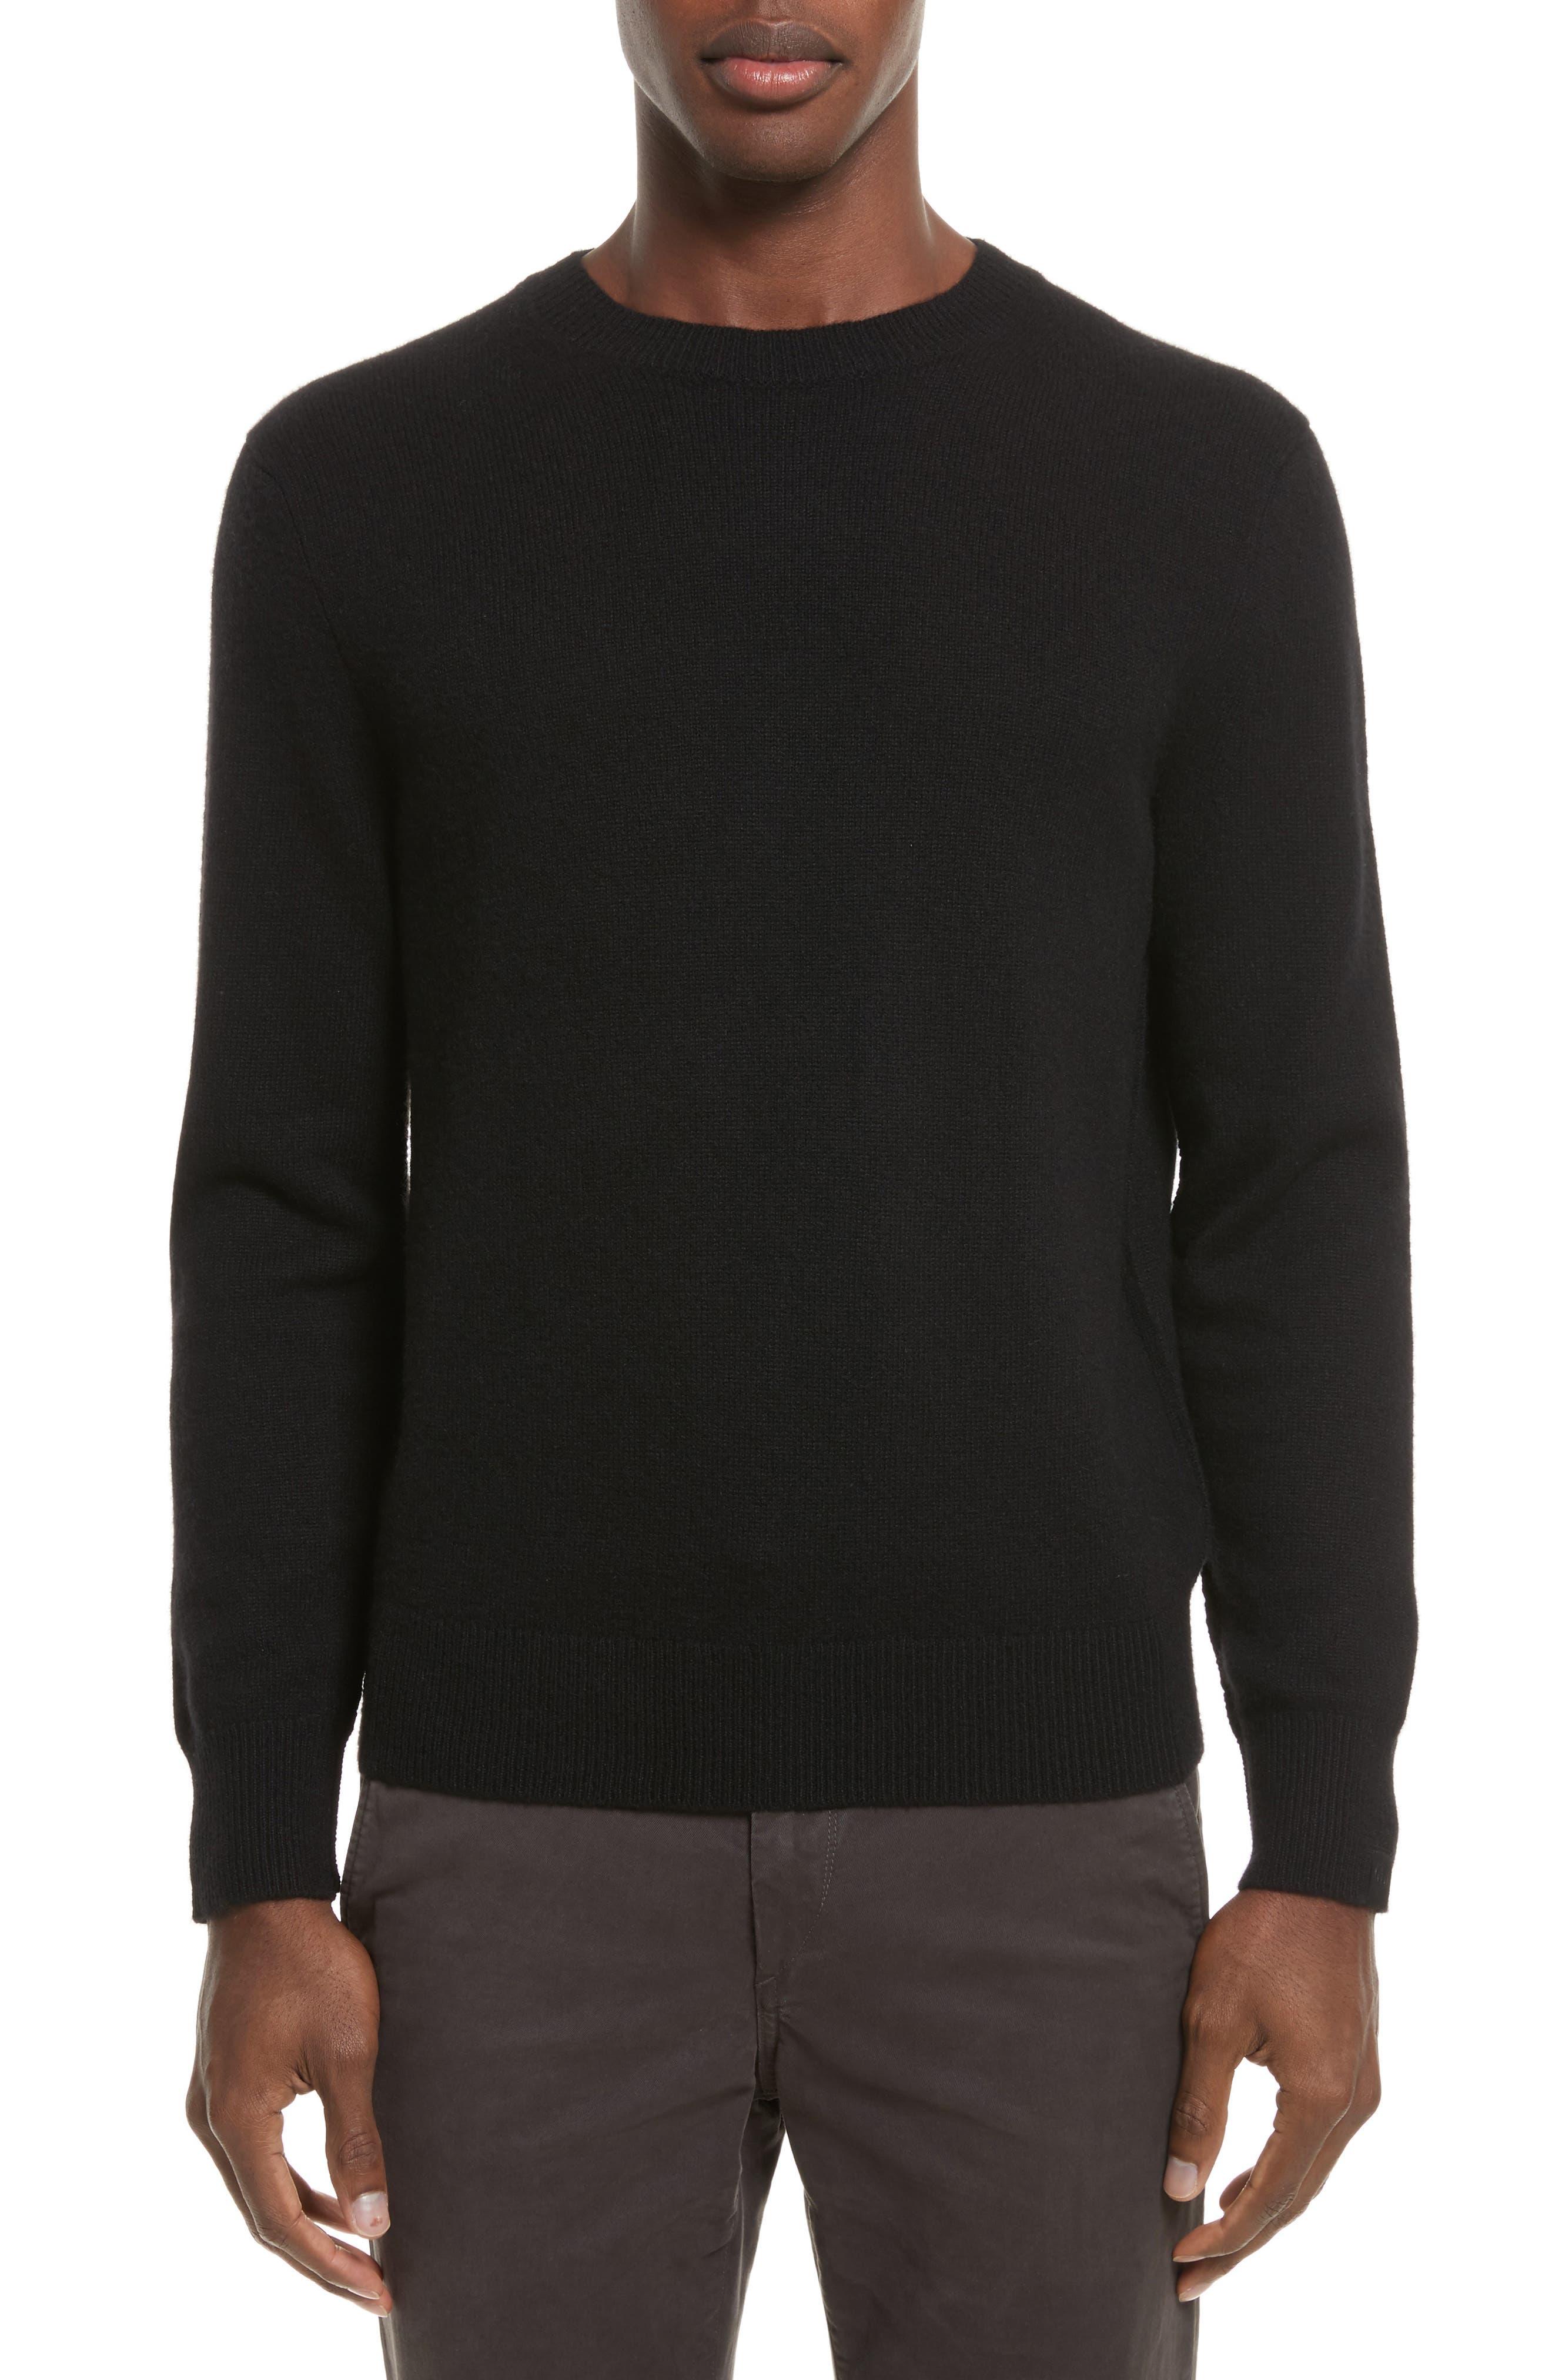 Haldon Cashmere Crewneck Sweatshirt,                             Main thumbnail 1, color,                             001